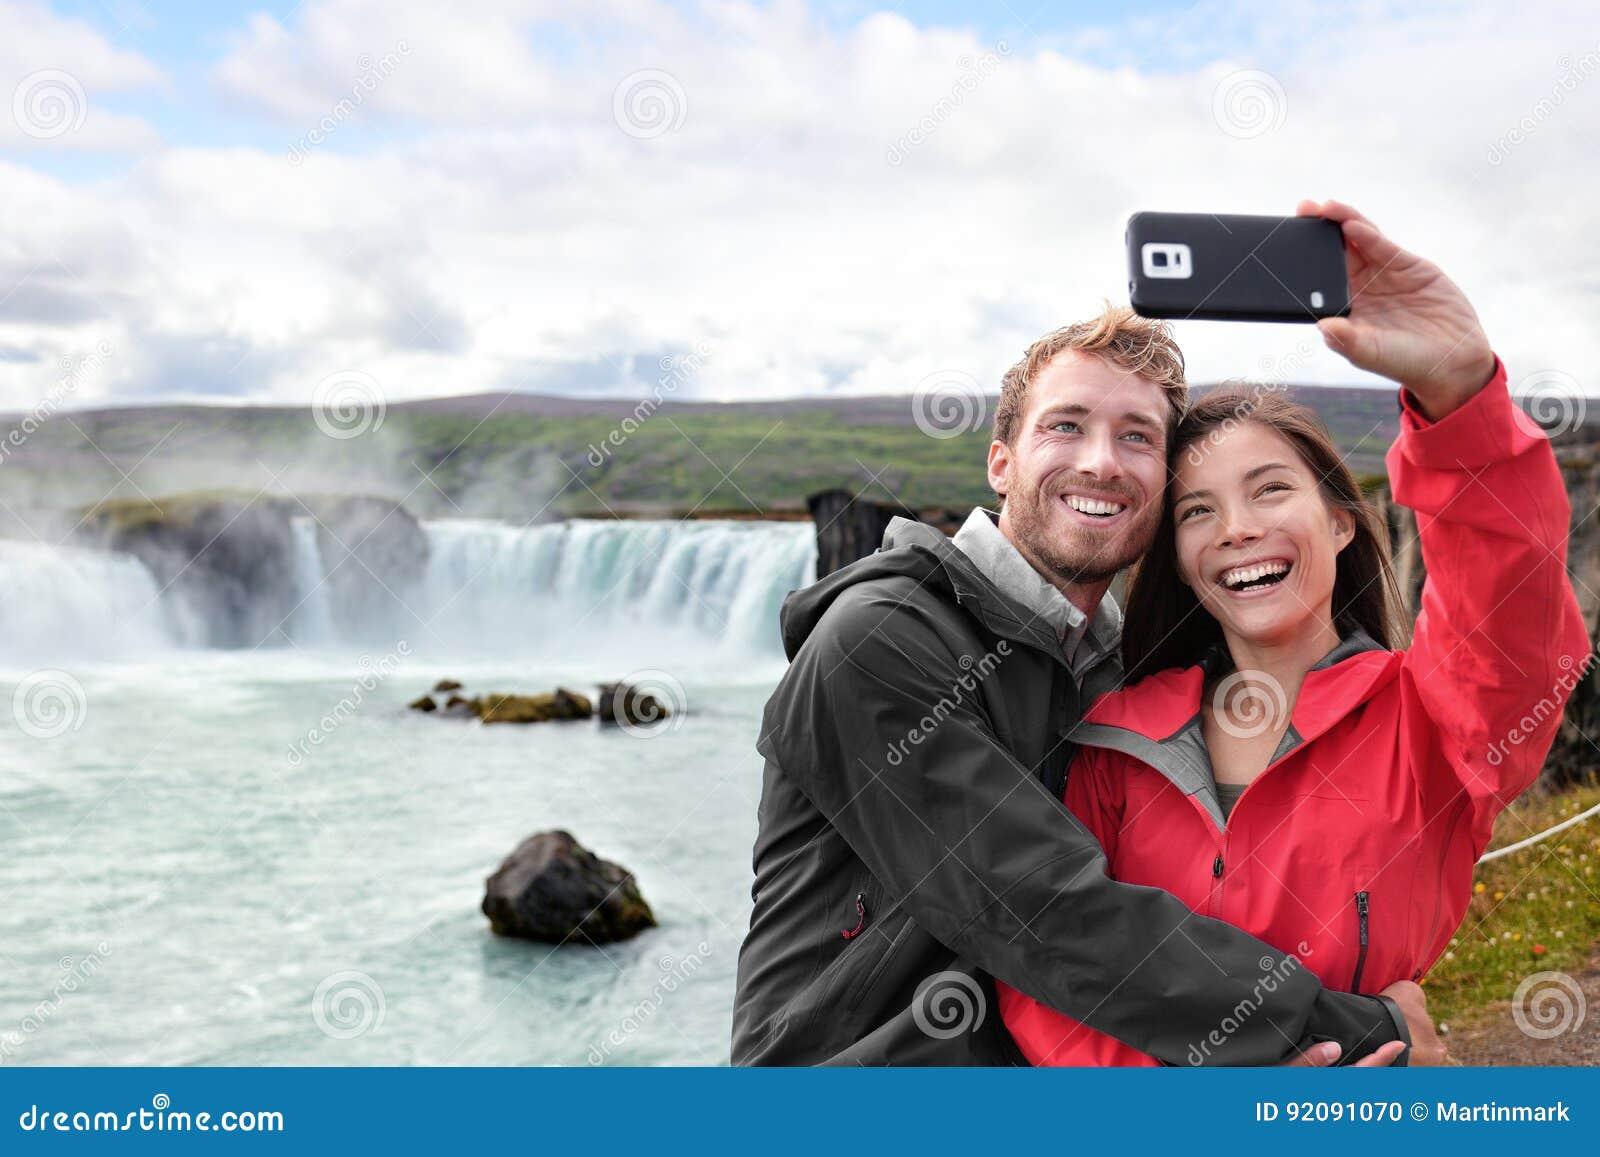 Isländische Datierung